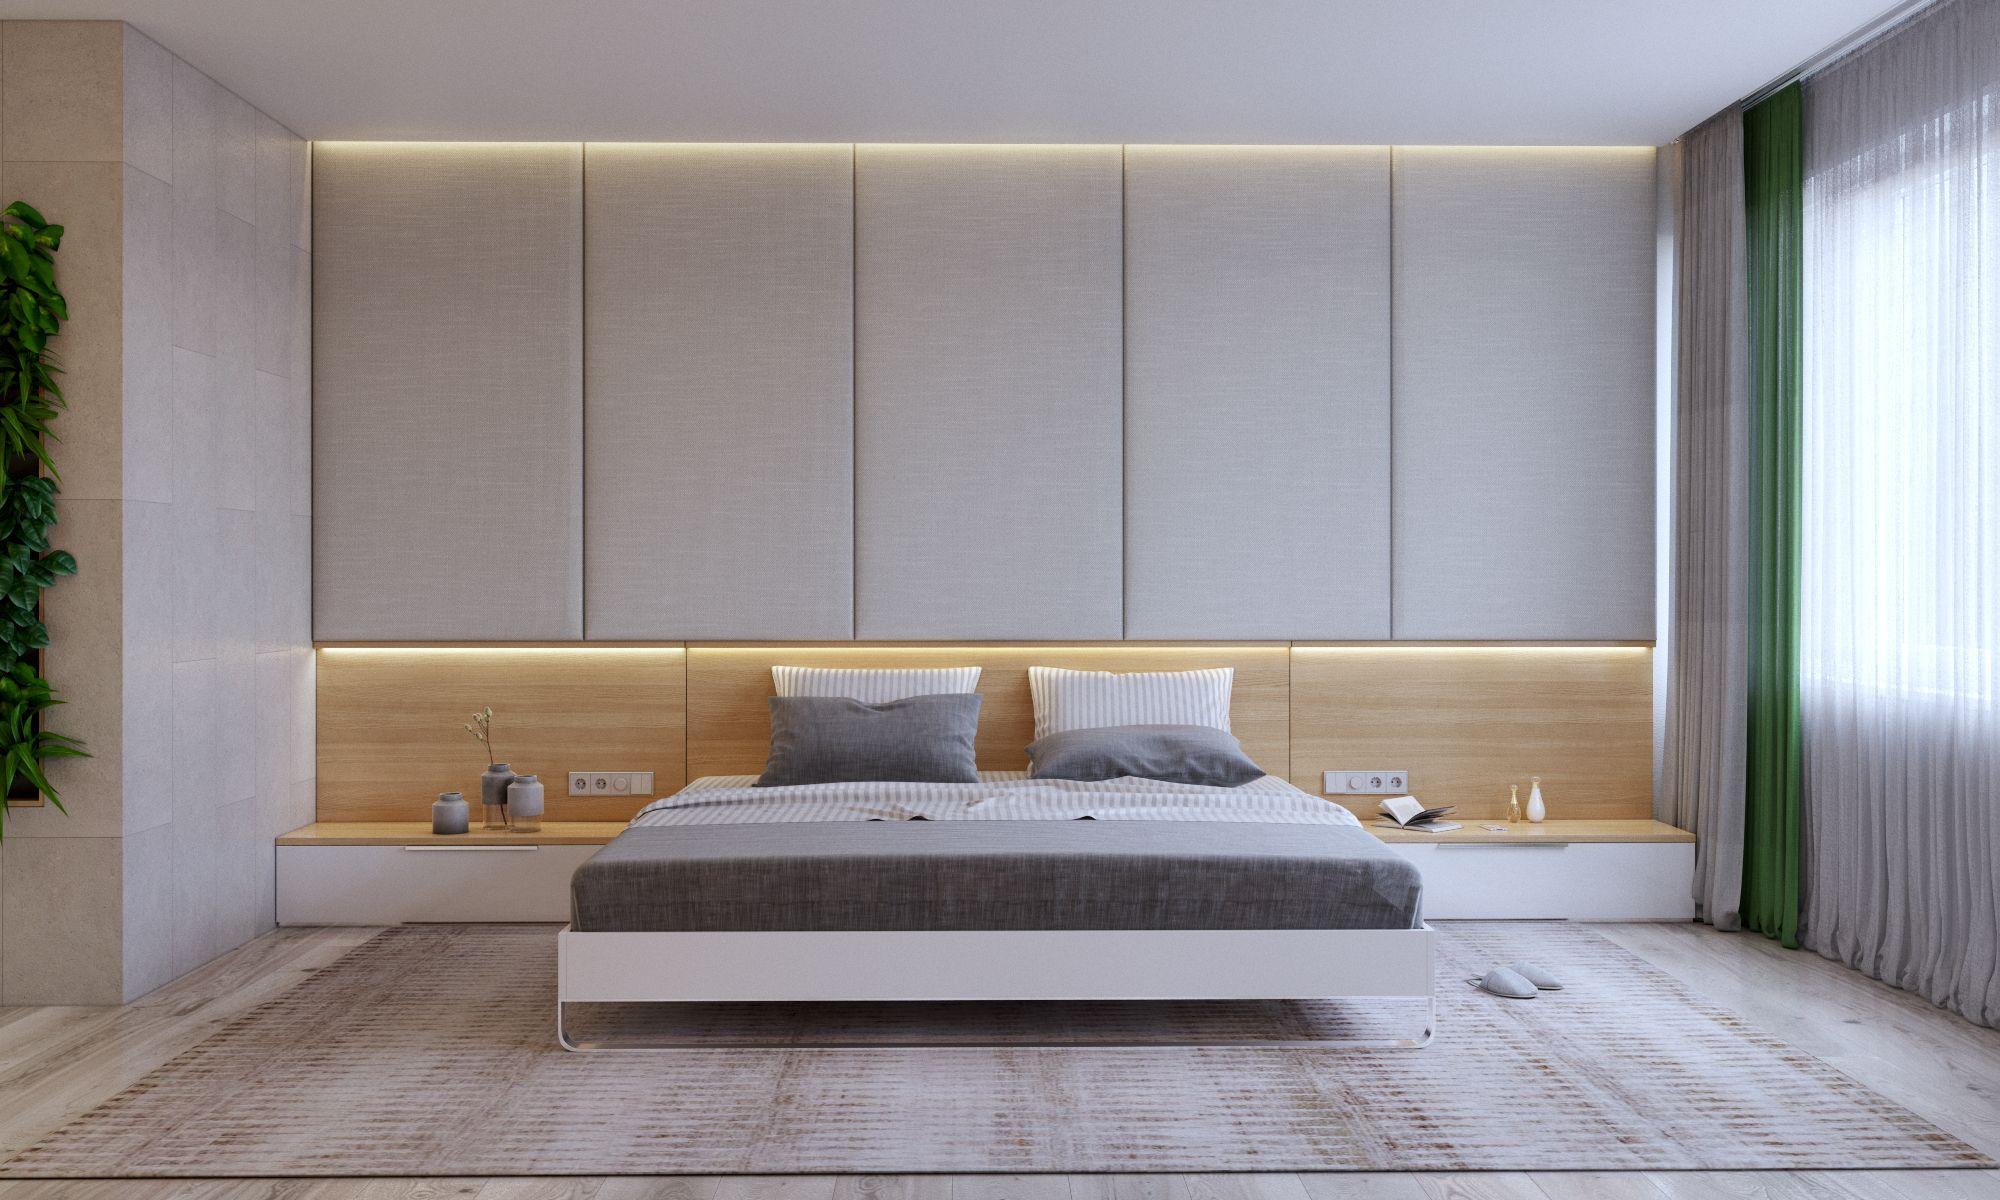 Шкаф в спальню: фото, виды, готовые стенки, фасады и материалы